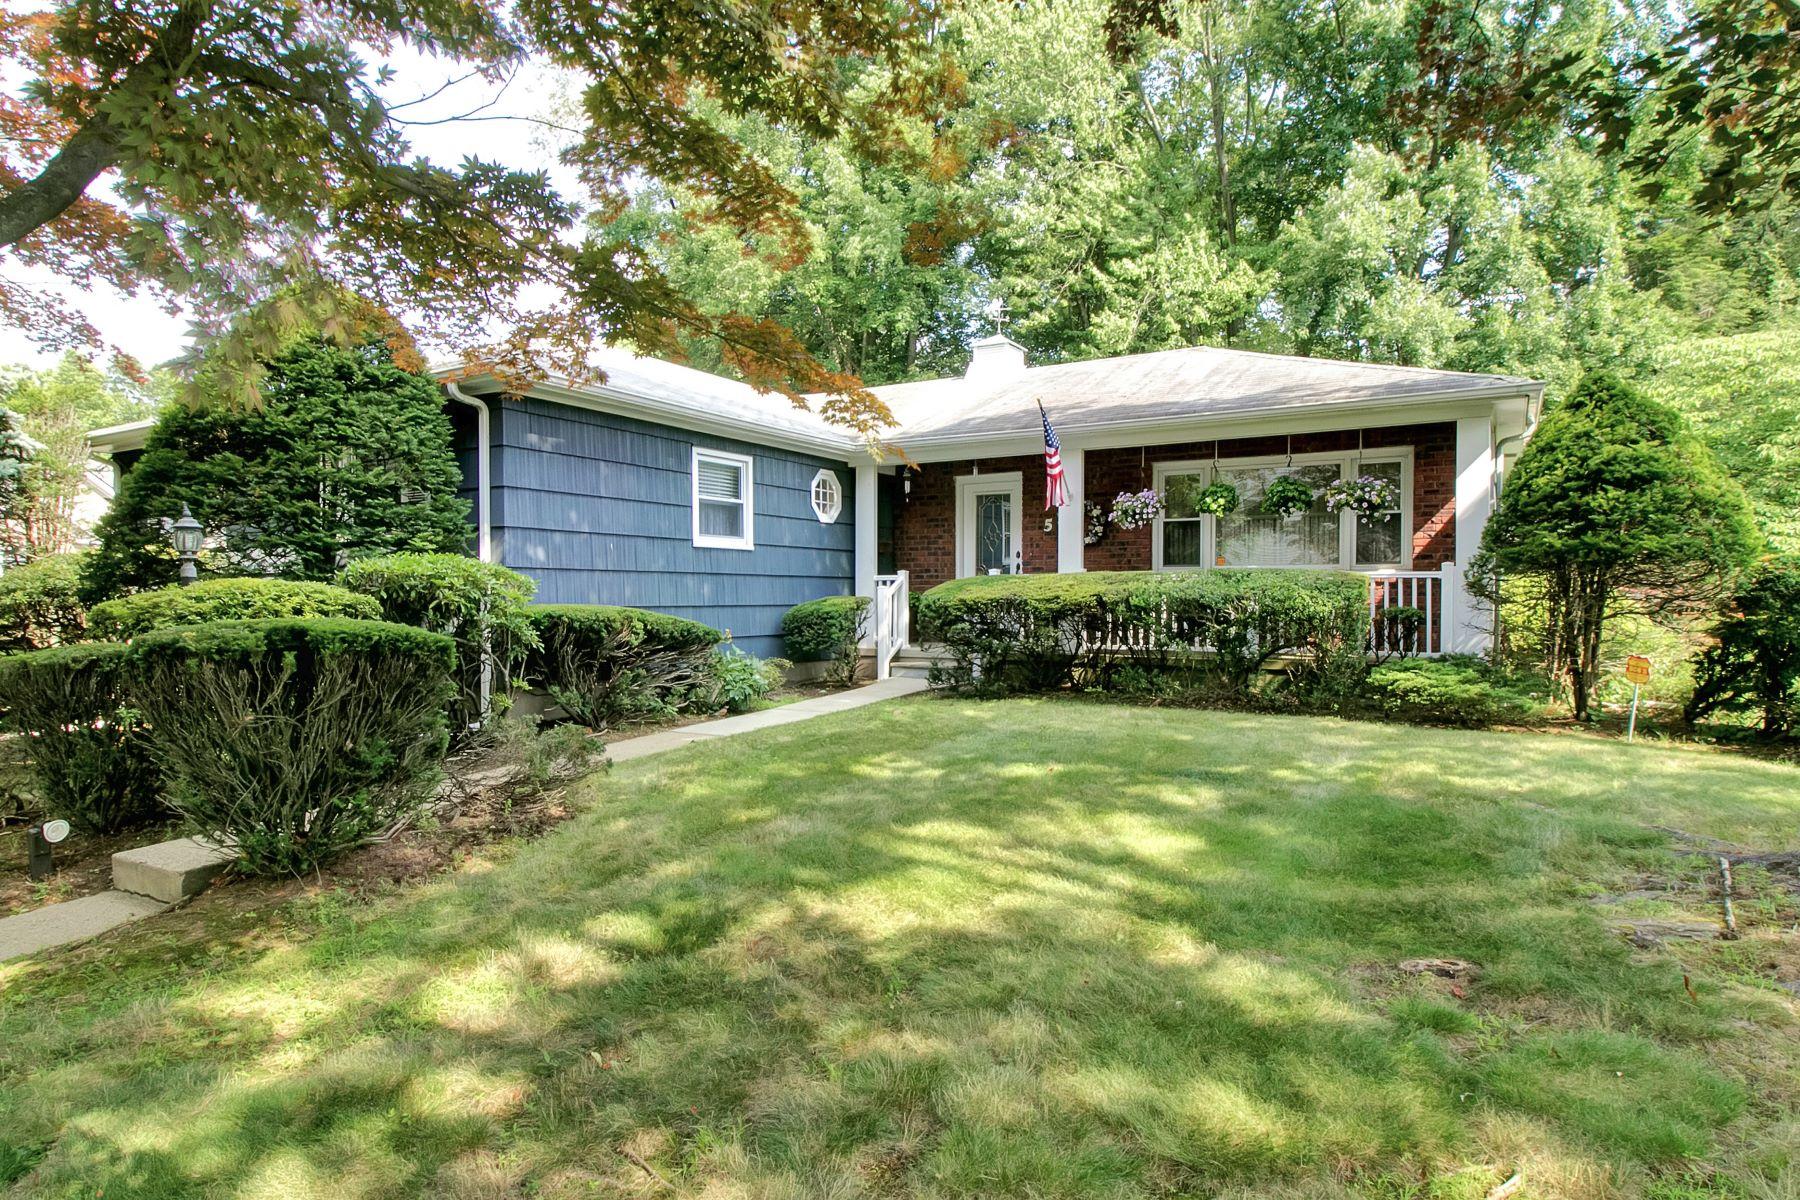 Частный односемейный дом для того Продажа на Ranch-Style Home 5 Blair Court, Tappan, Нью-Йорк, 10983 Соединенные Штаты